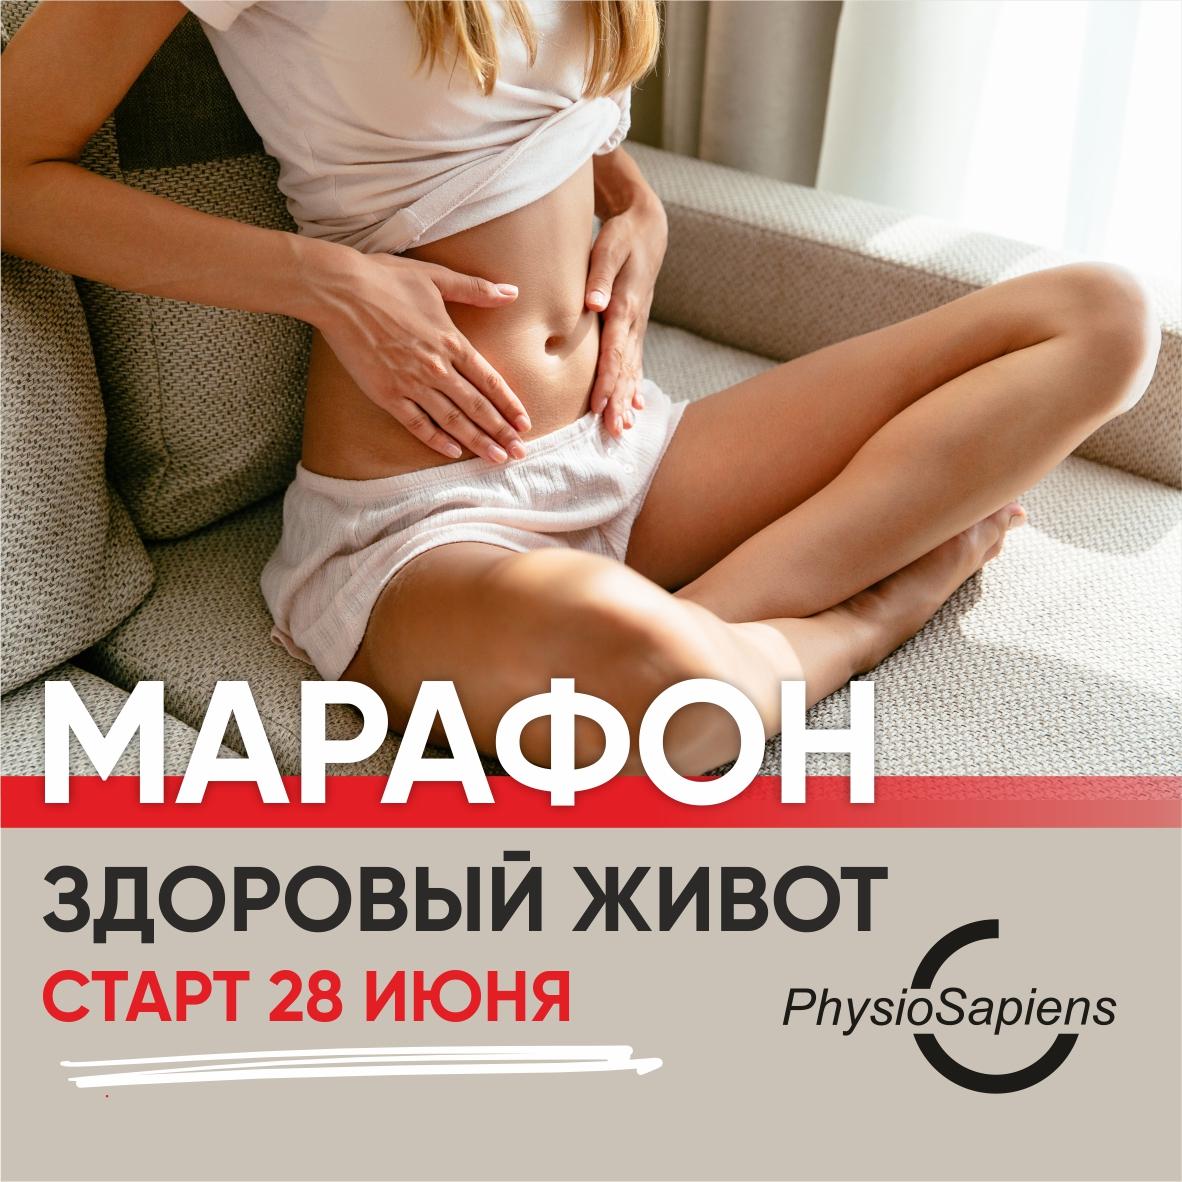 Марафон «Здоровый живот»